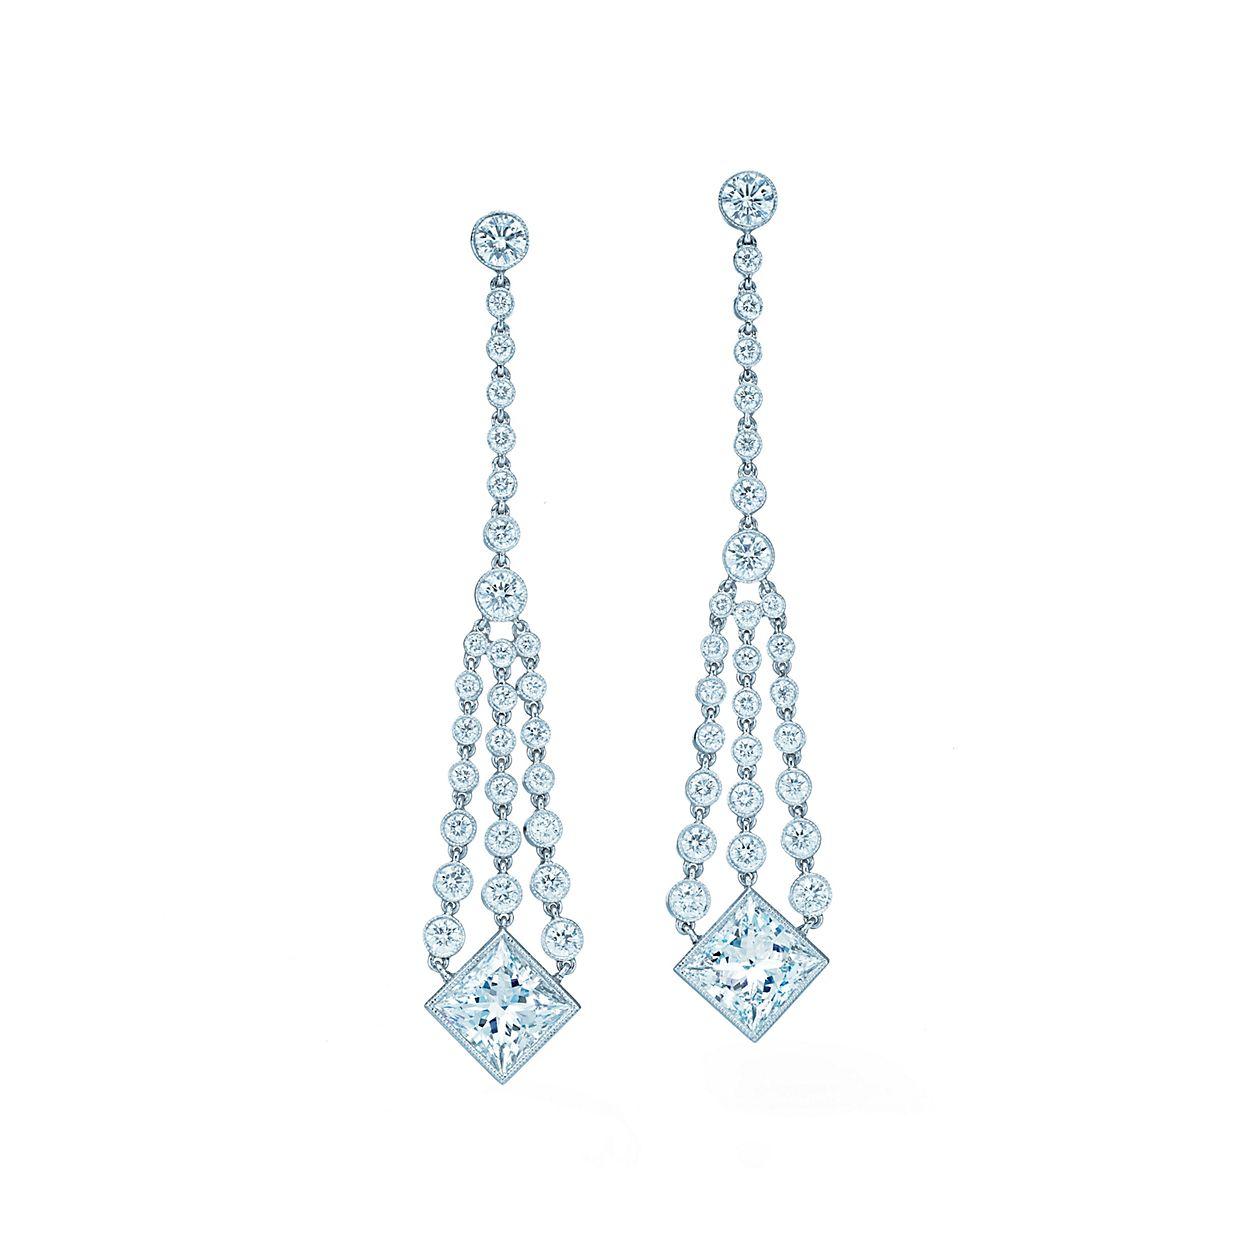 Diamond chandelier earrings of princess cut and round diamonds in diamond chandelier earrings diamond chandelier earrings aloadofball Image collections